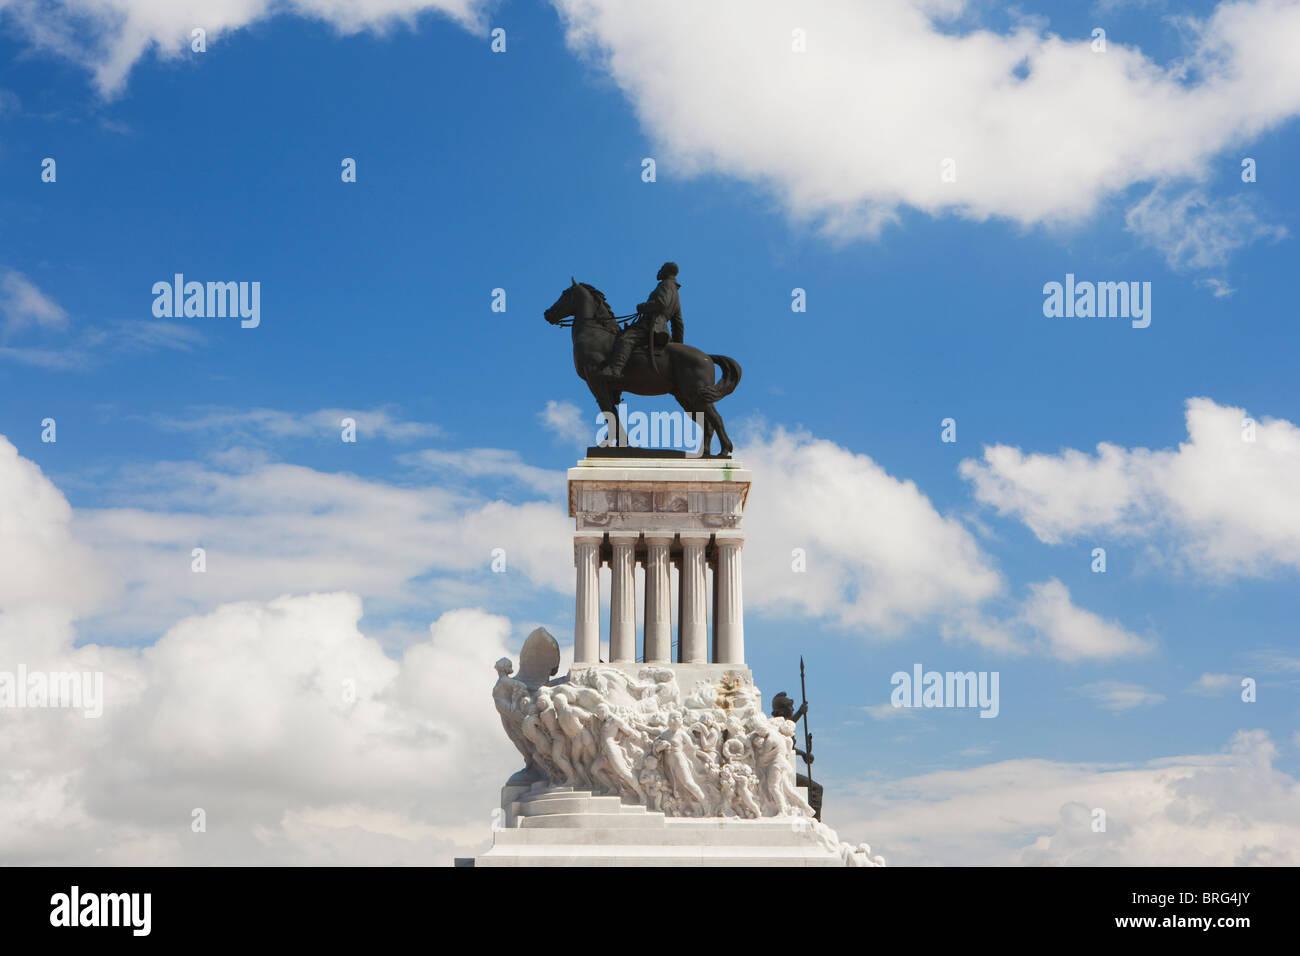 L'Avana: MONUMENTO A MAXIMO GOMEZ Immagini Stock